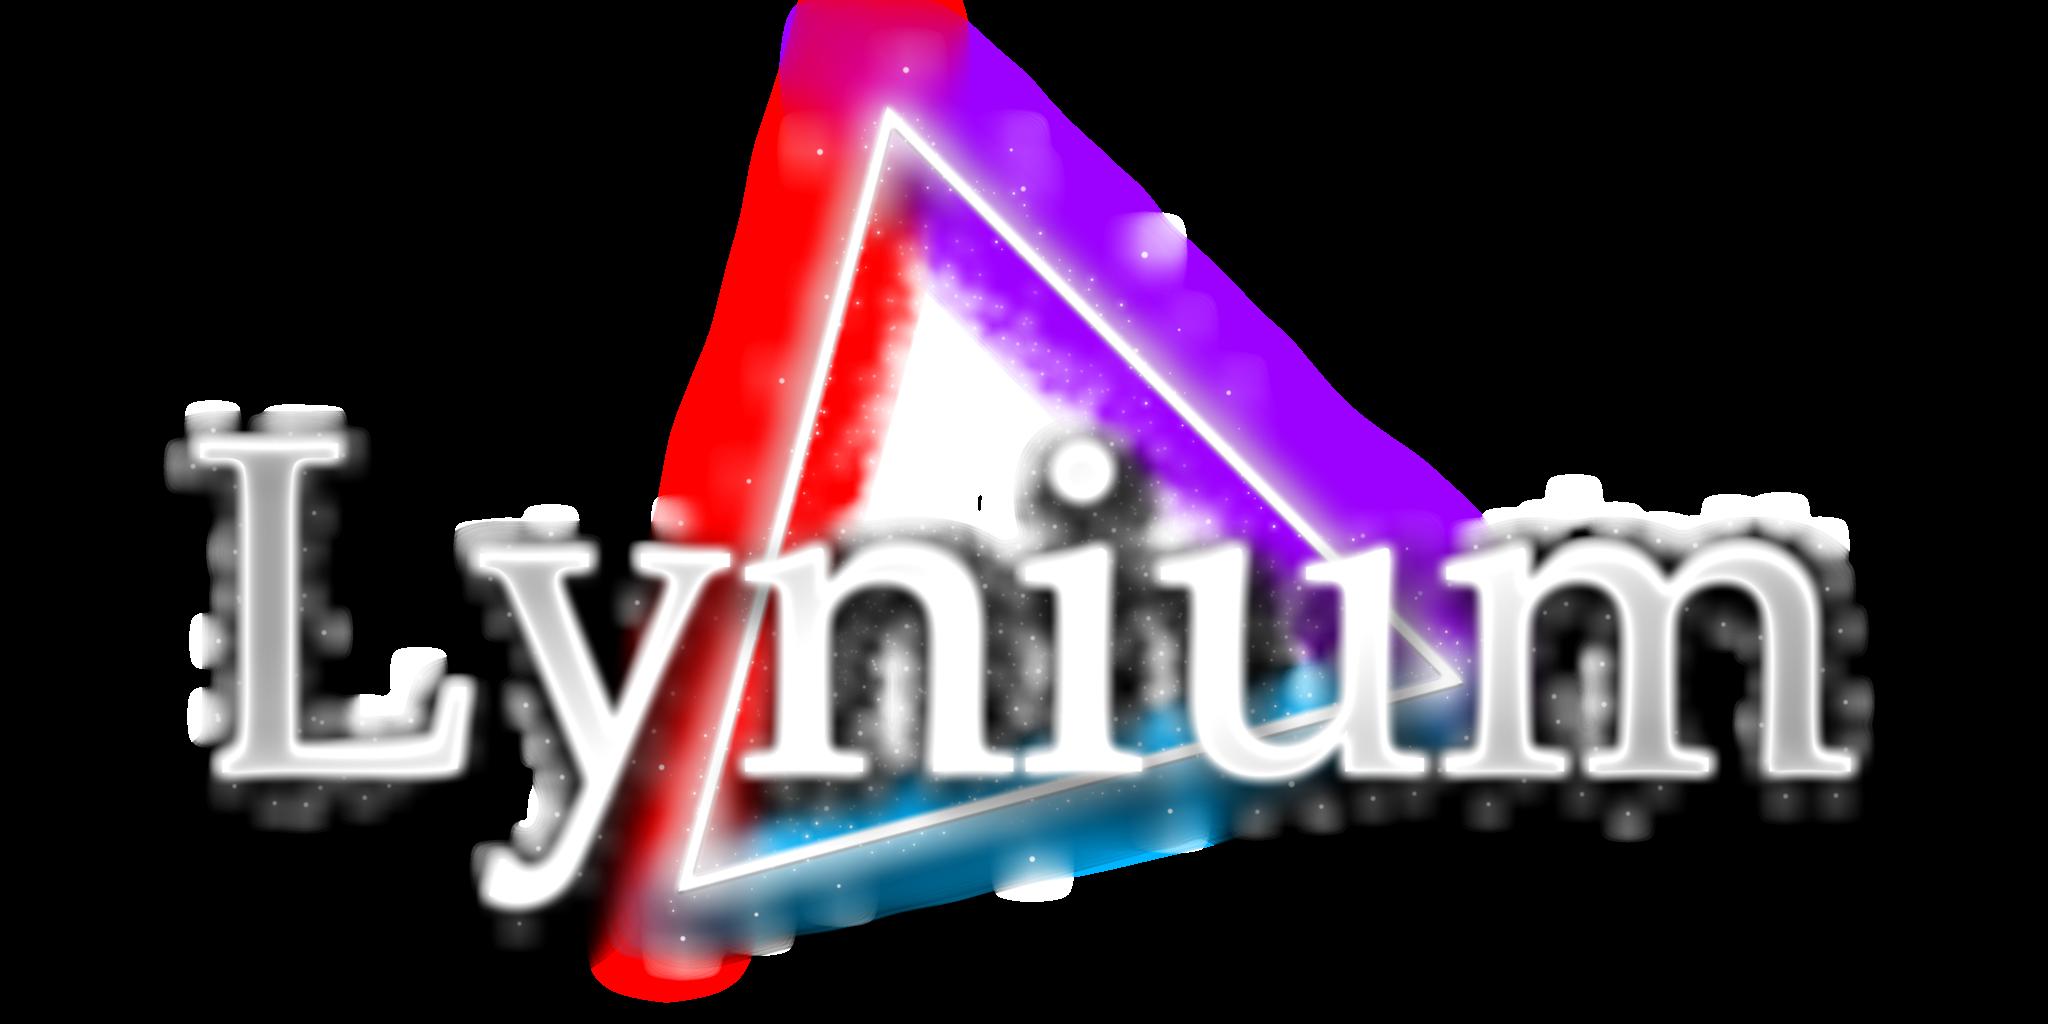 Lynium